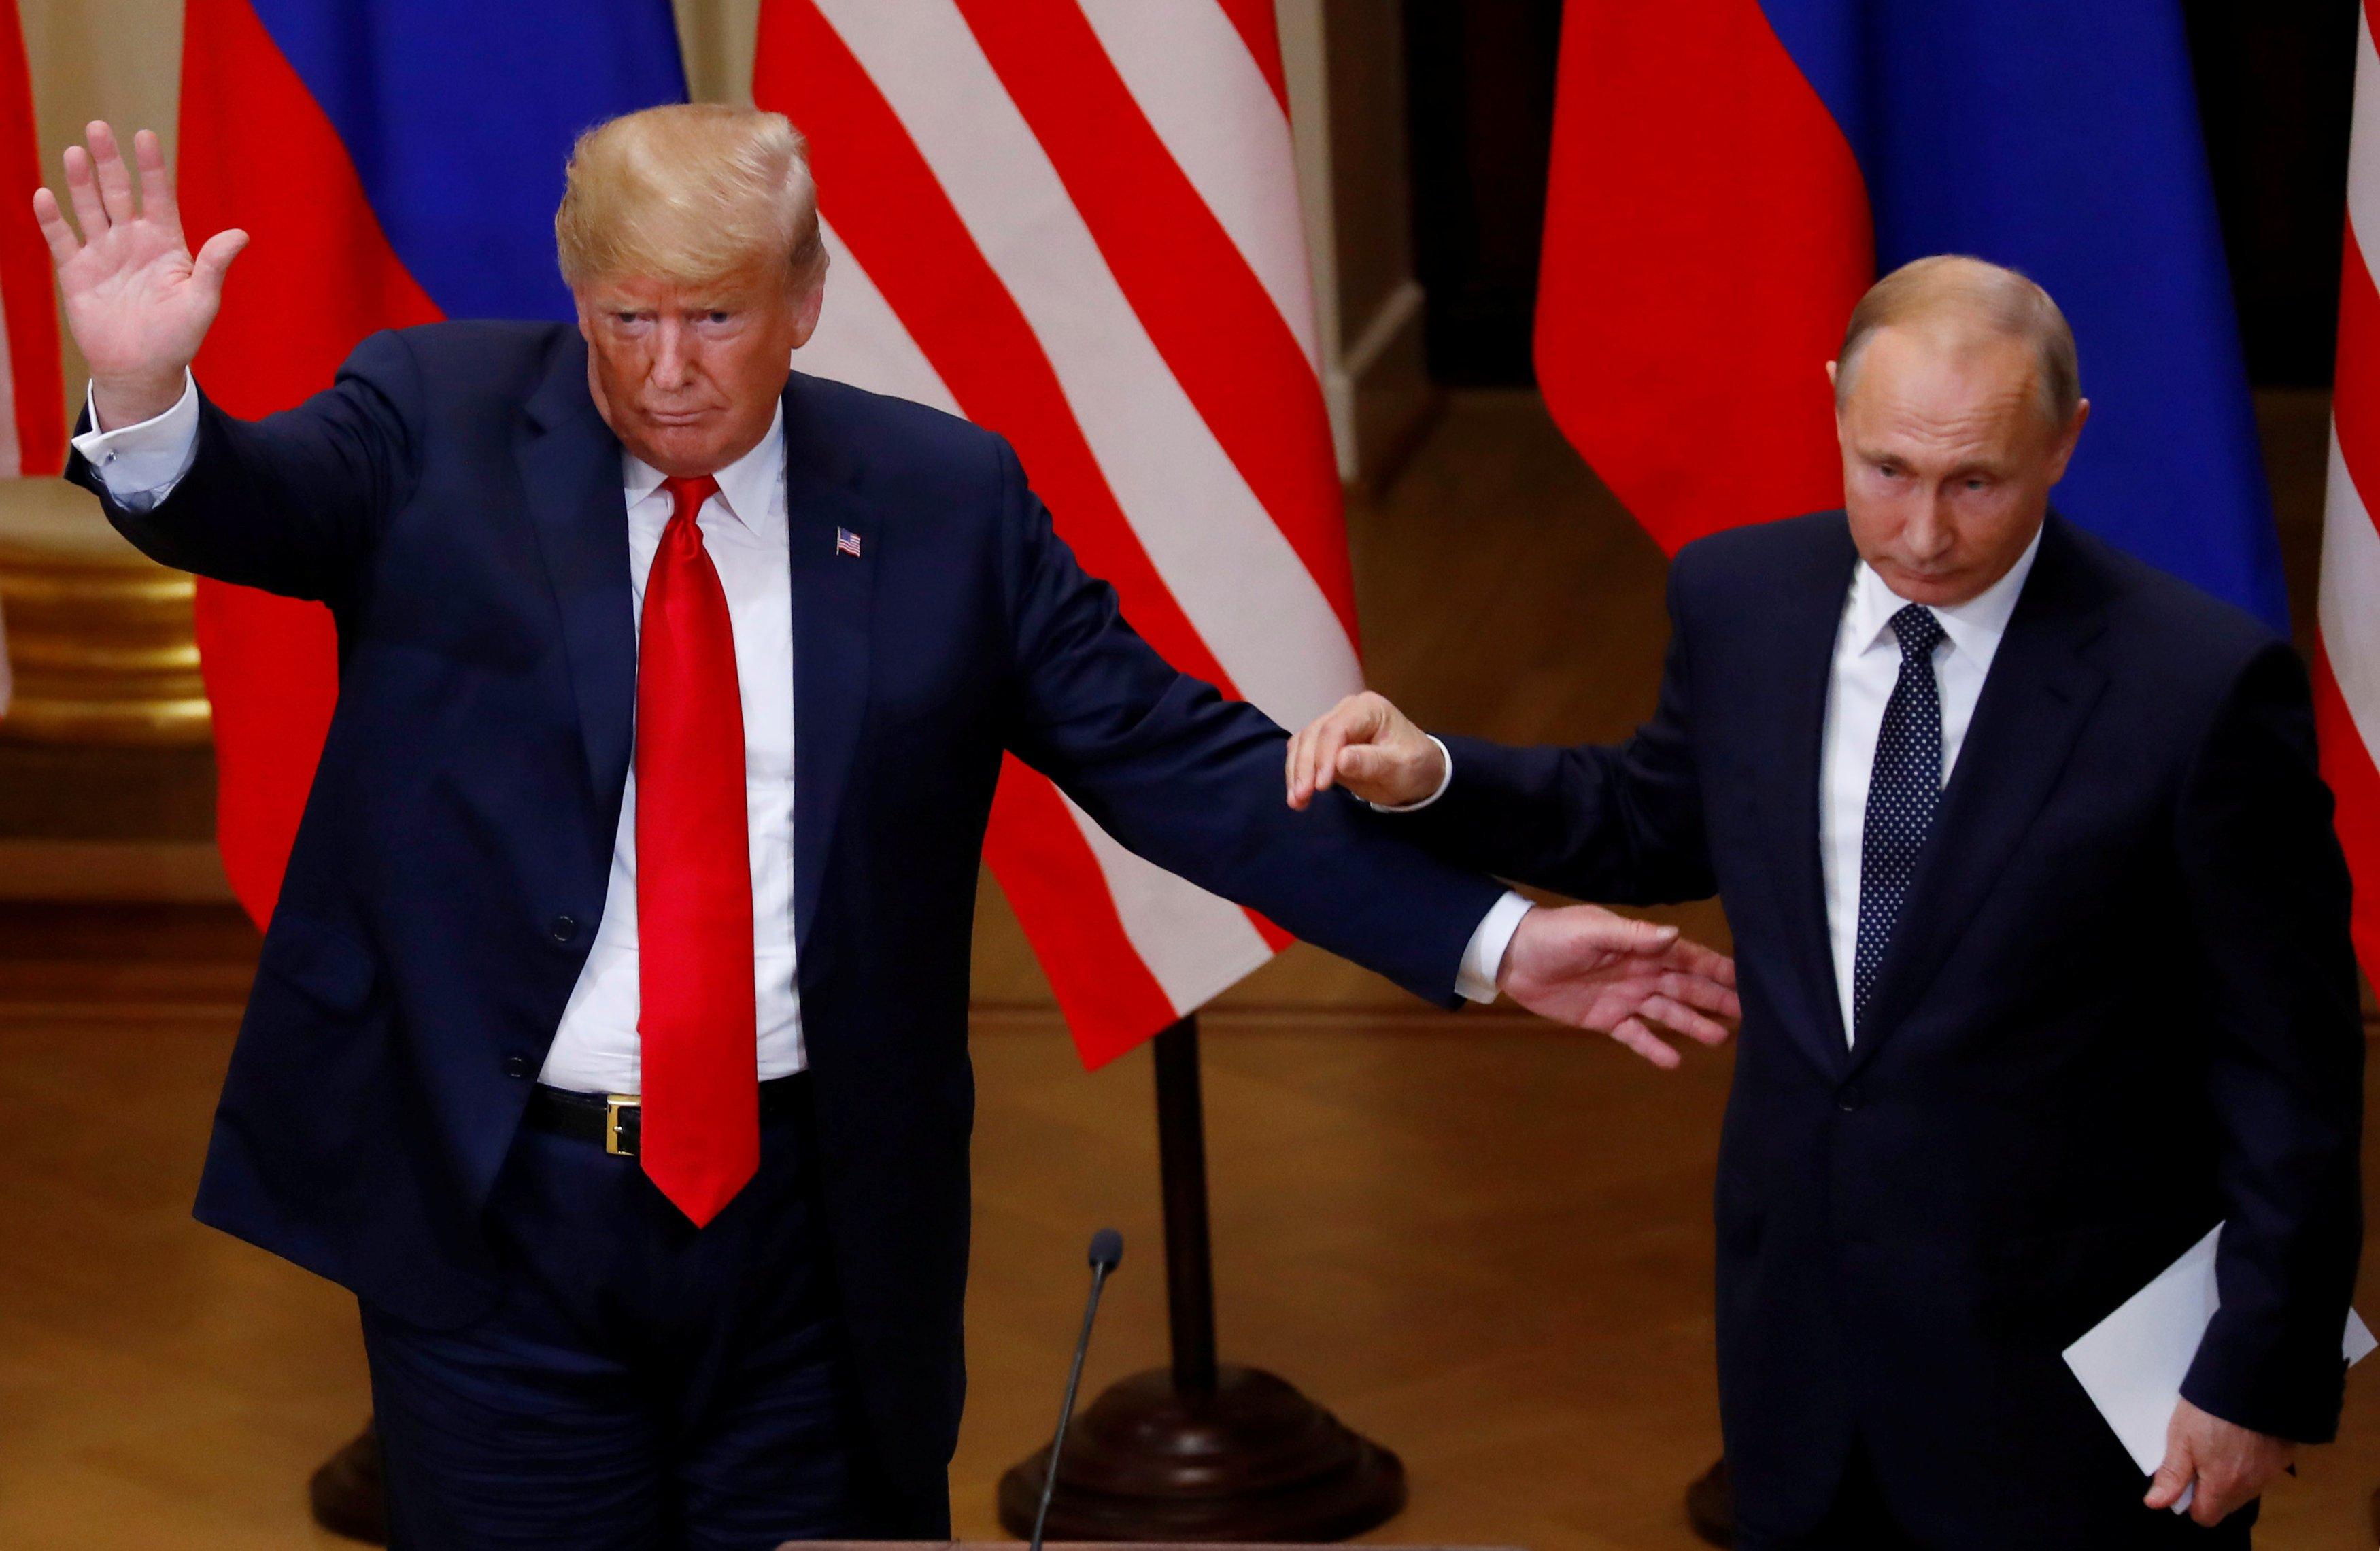 Офицер США сообщил, что Дональд Трамп будет говорить Владимиру Путину, что его загонят в угол